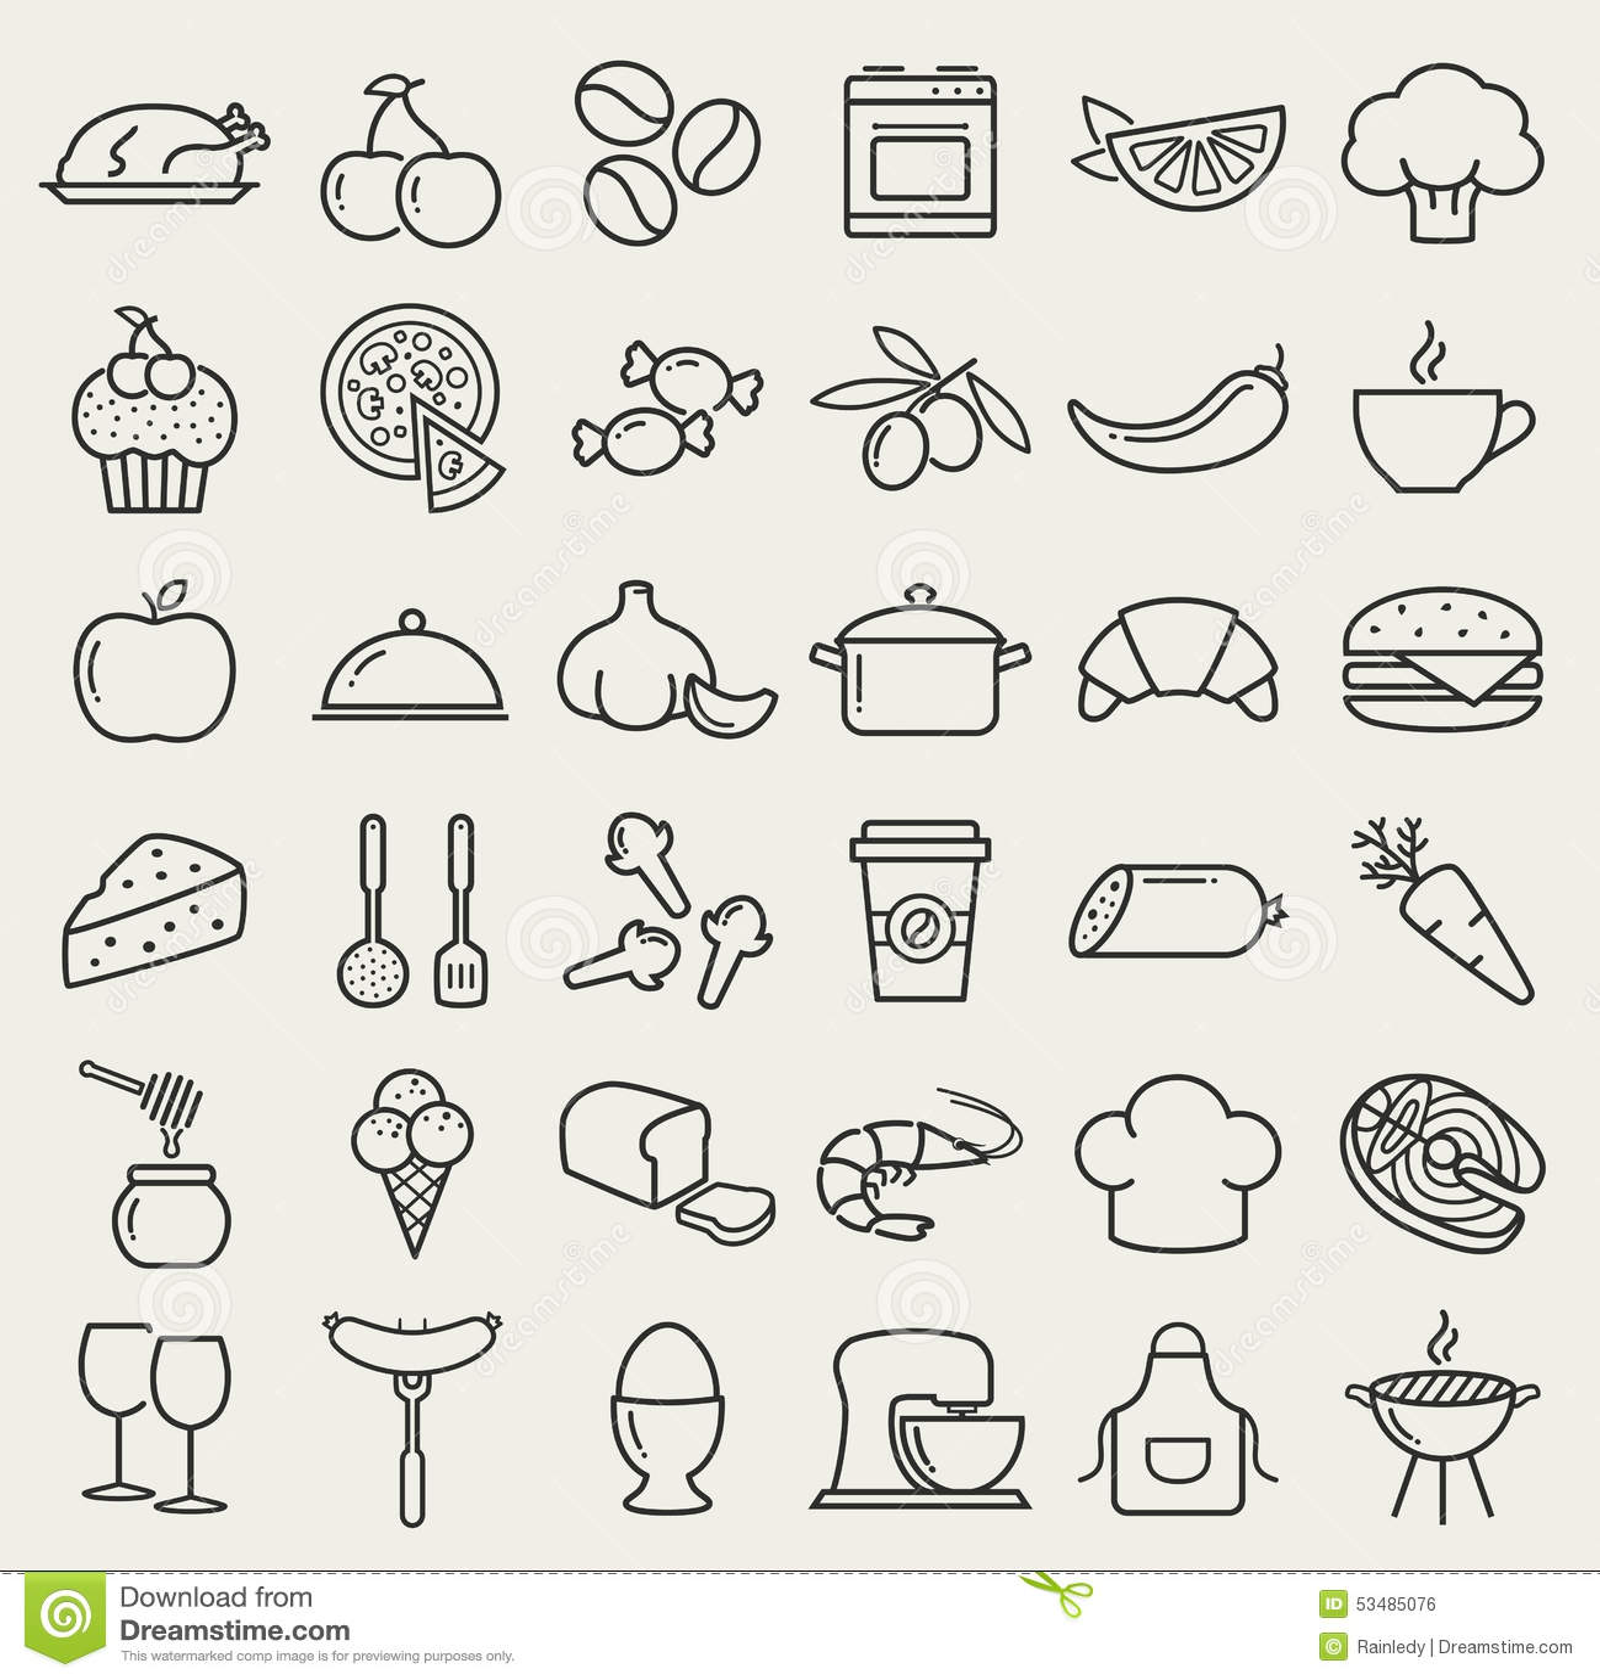 Lebensmittel Und Kochen Linie Ikonen Karikatur Polar Mit